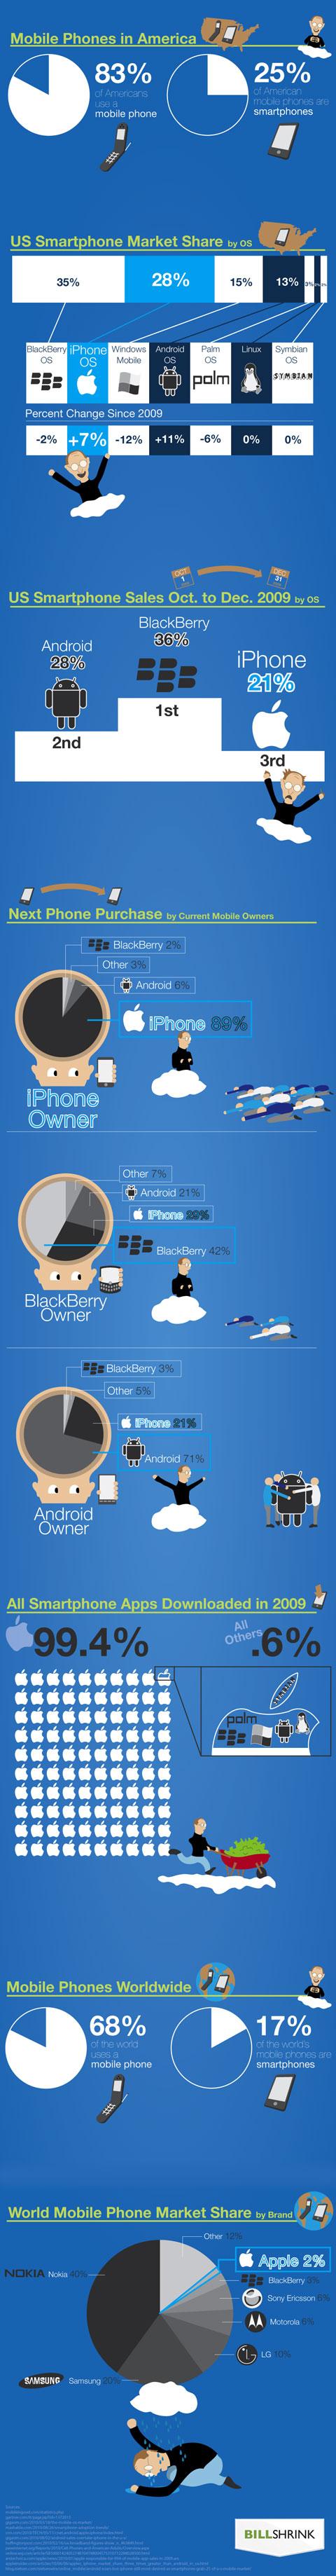 Cómo es de popular el iPhone